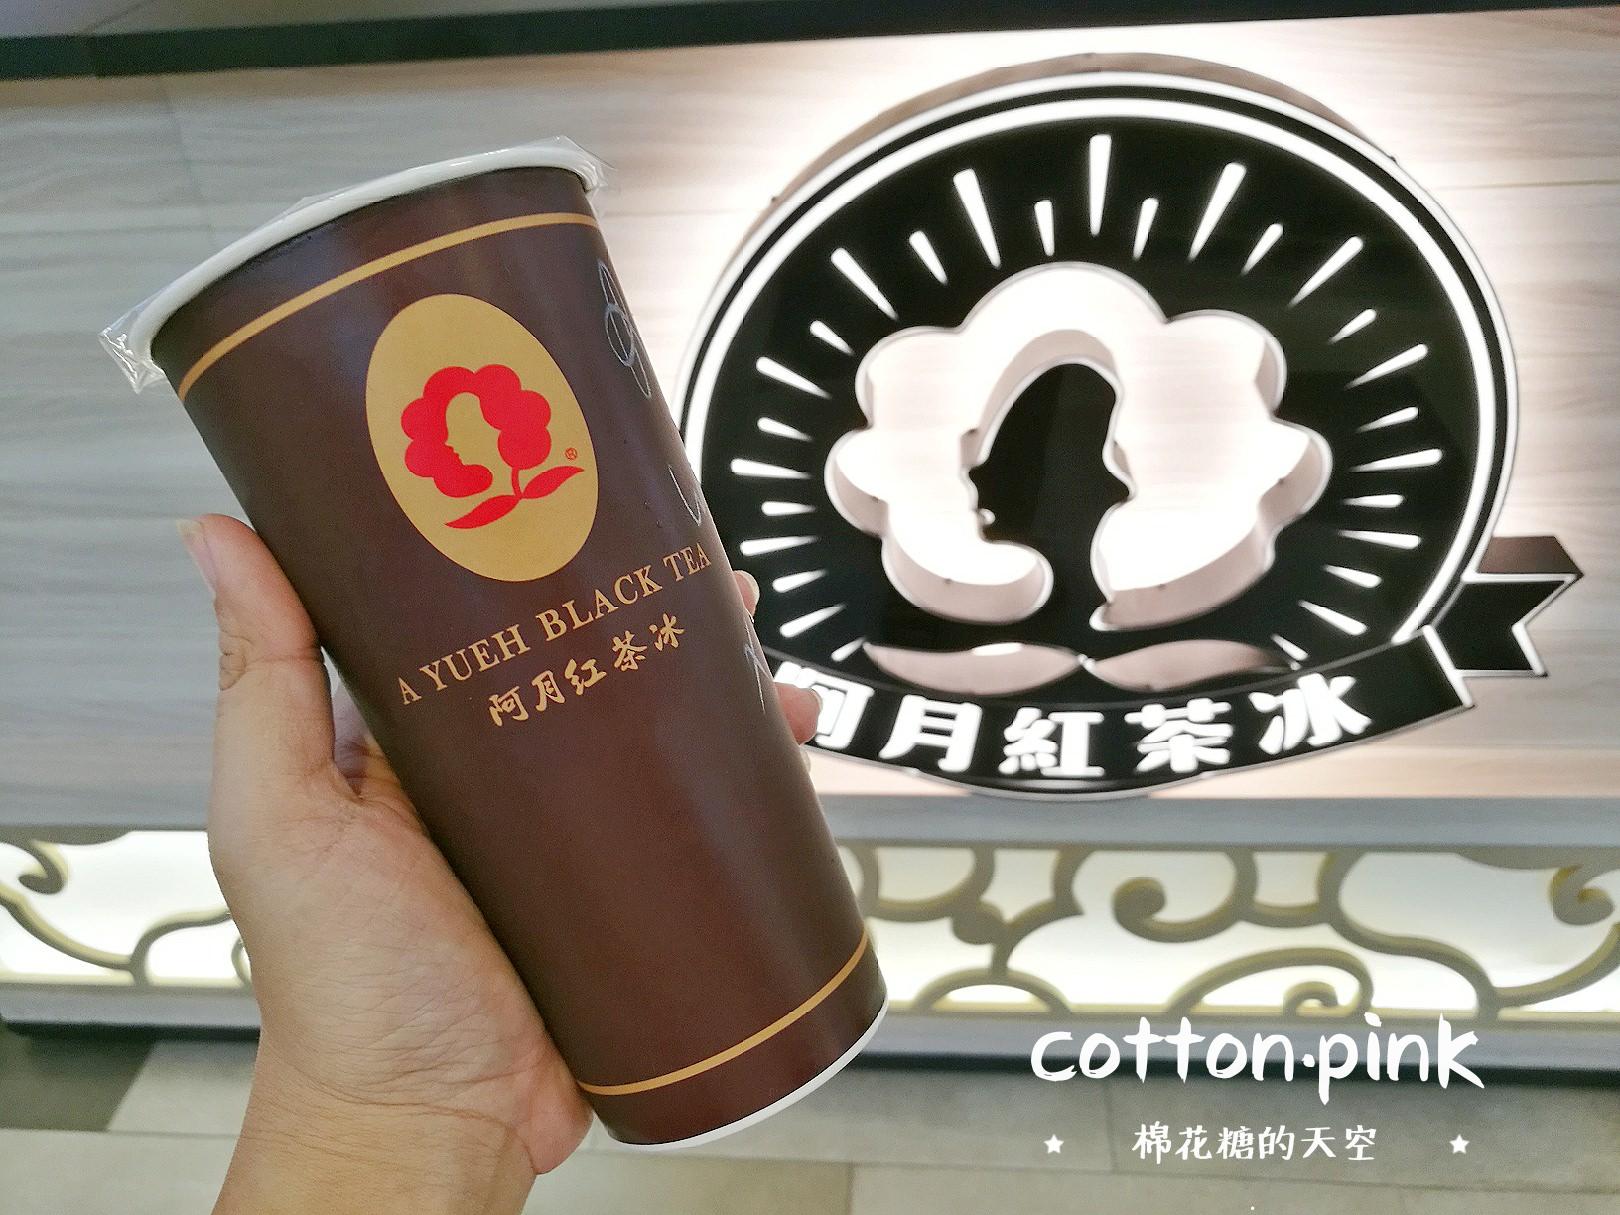 20181006213244 83 - 一中必喝阿月紅茶冰進軍中友百貨!